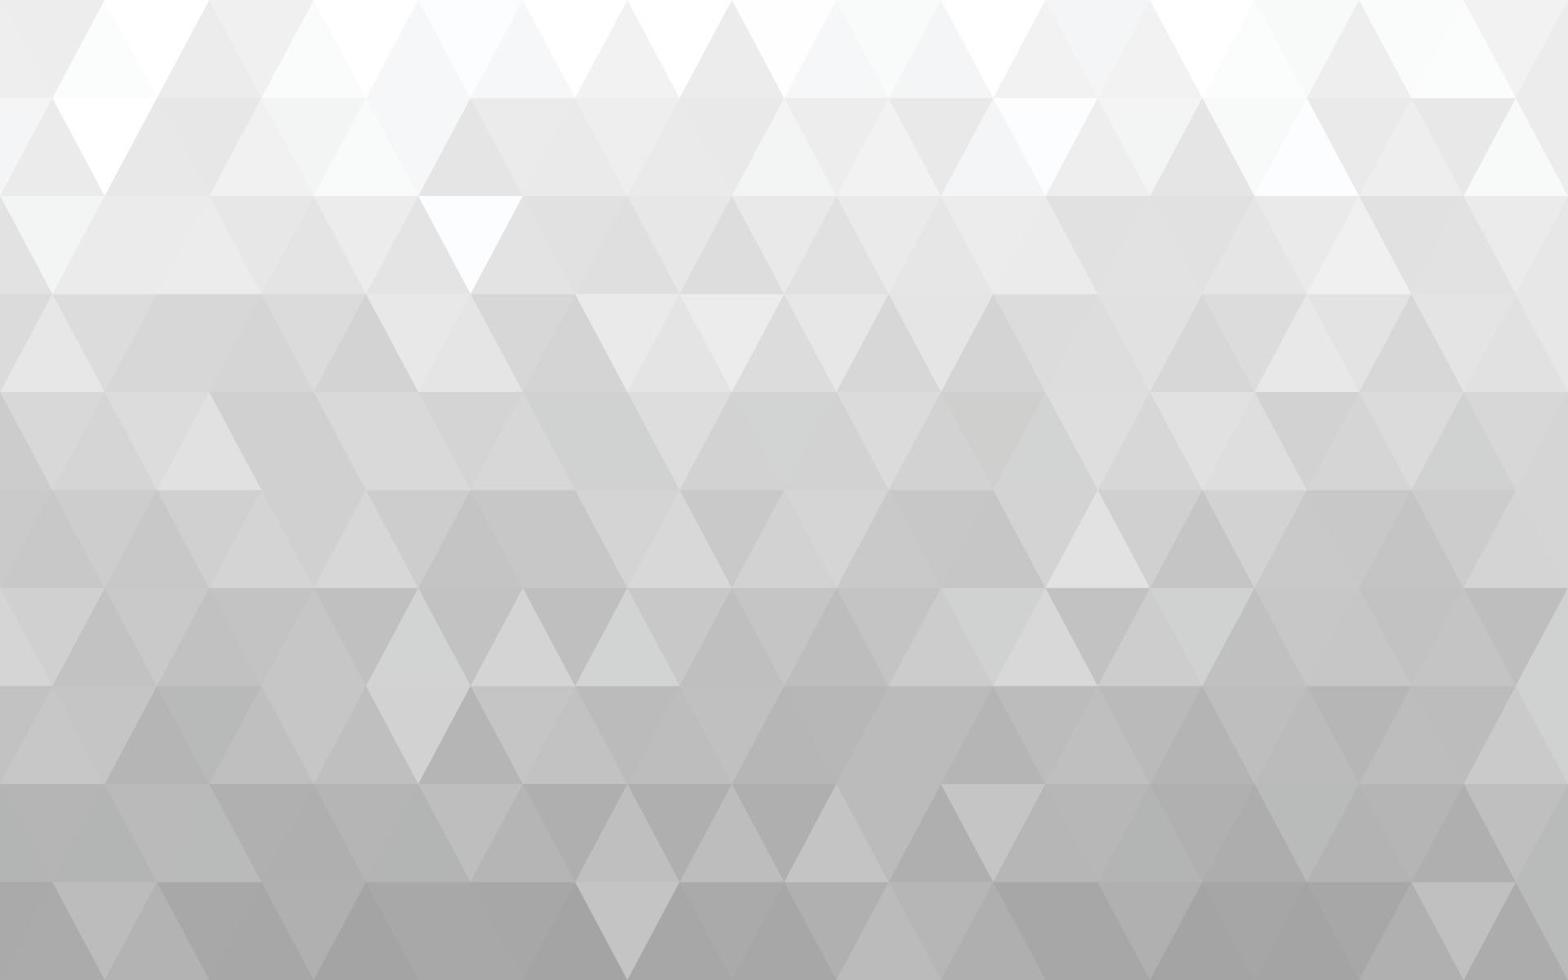 sfondo geometrico bianco astratto vettore